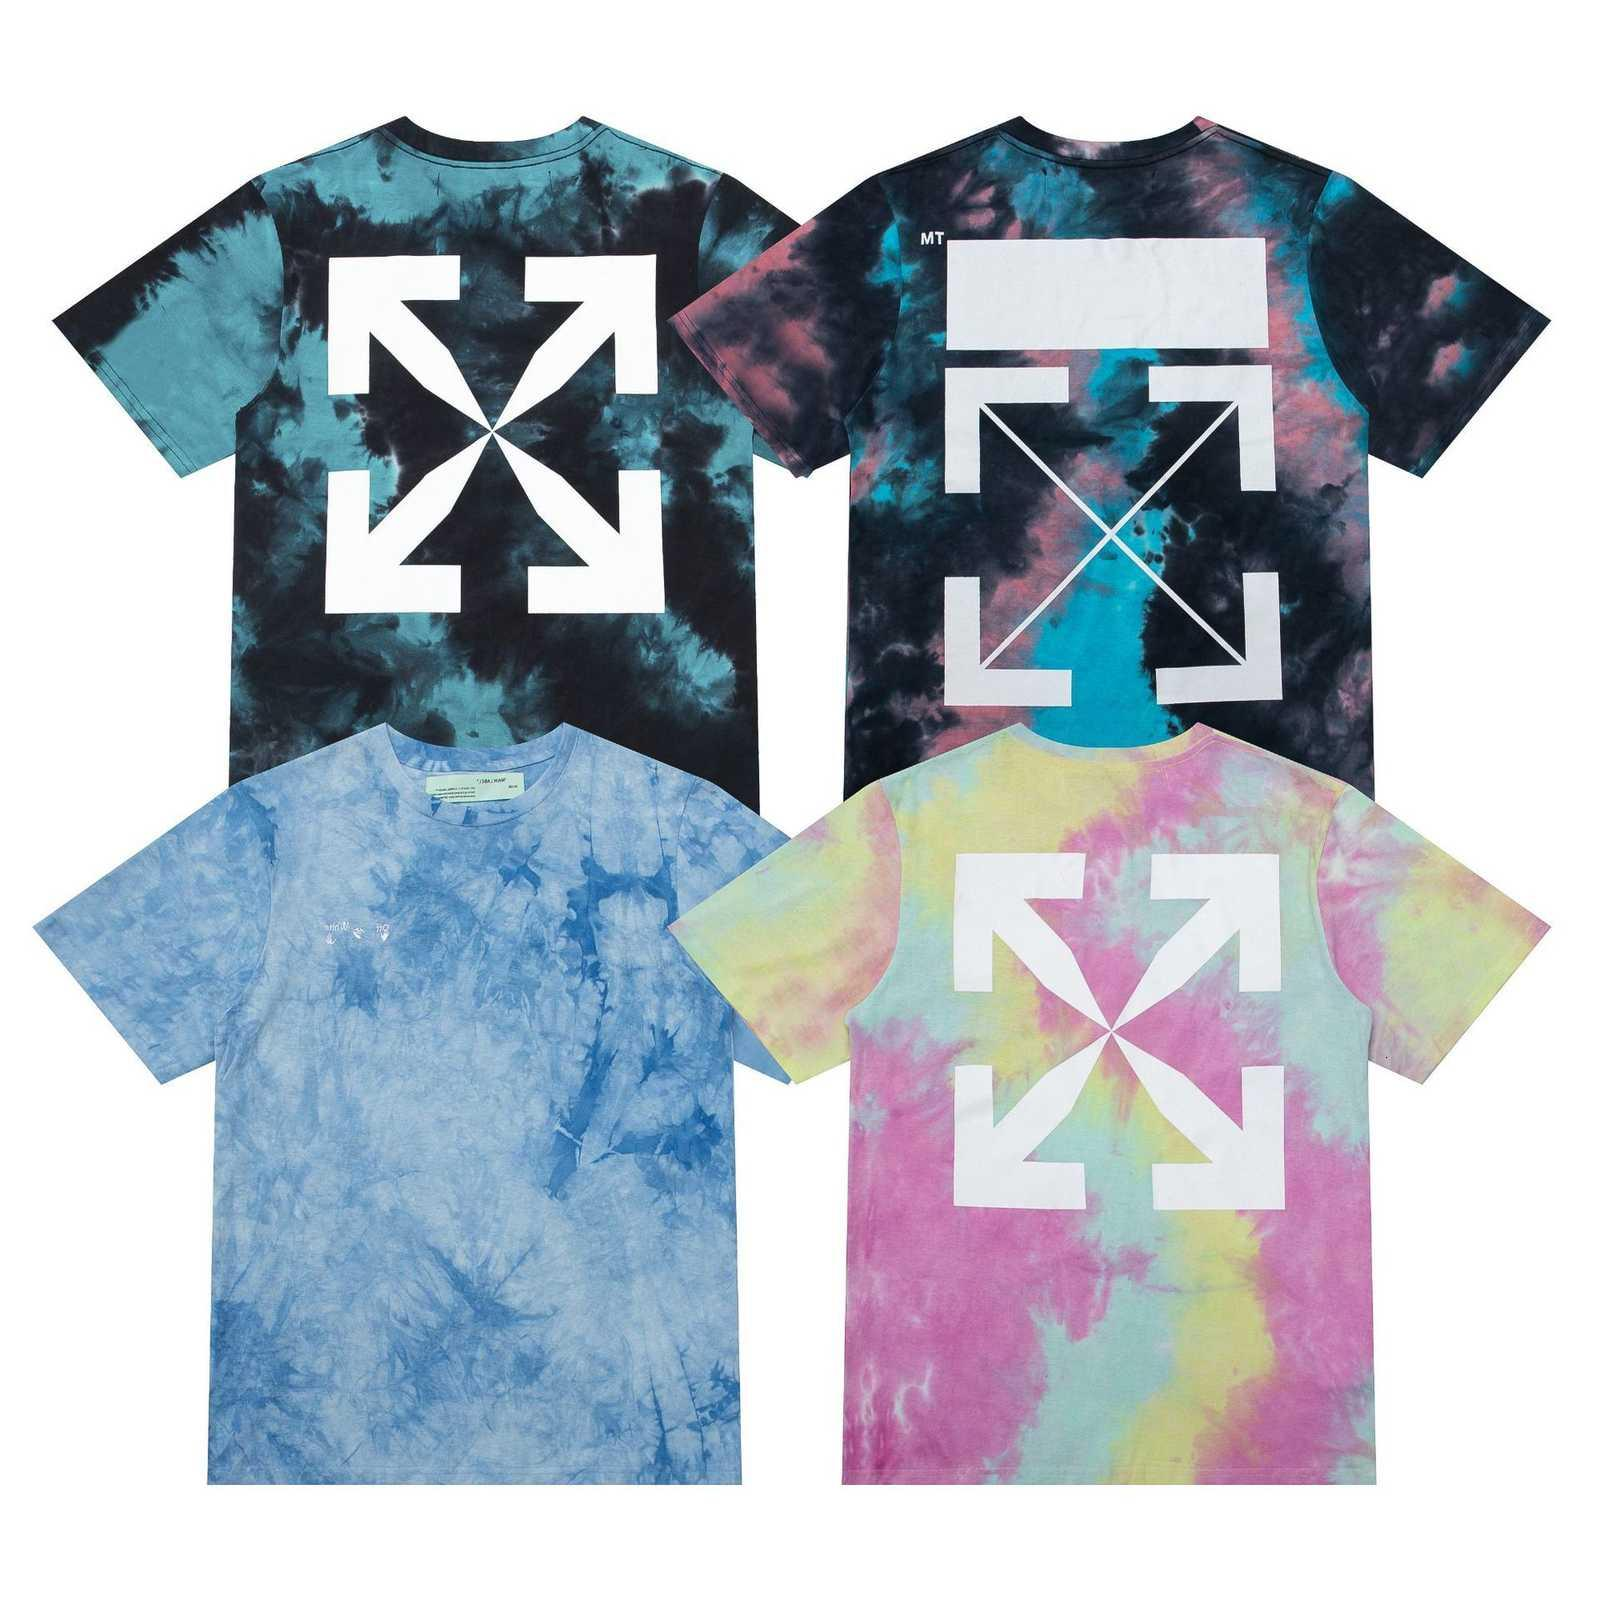 Off Wihte с коротким рукавом Новый модный бренд 2021 мужской и женский стиль повседневной простой свободной пары универсальная футболка